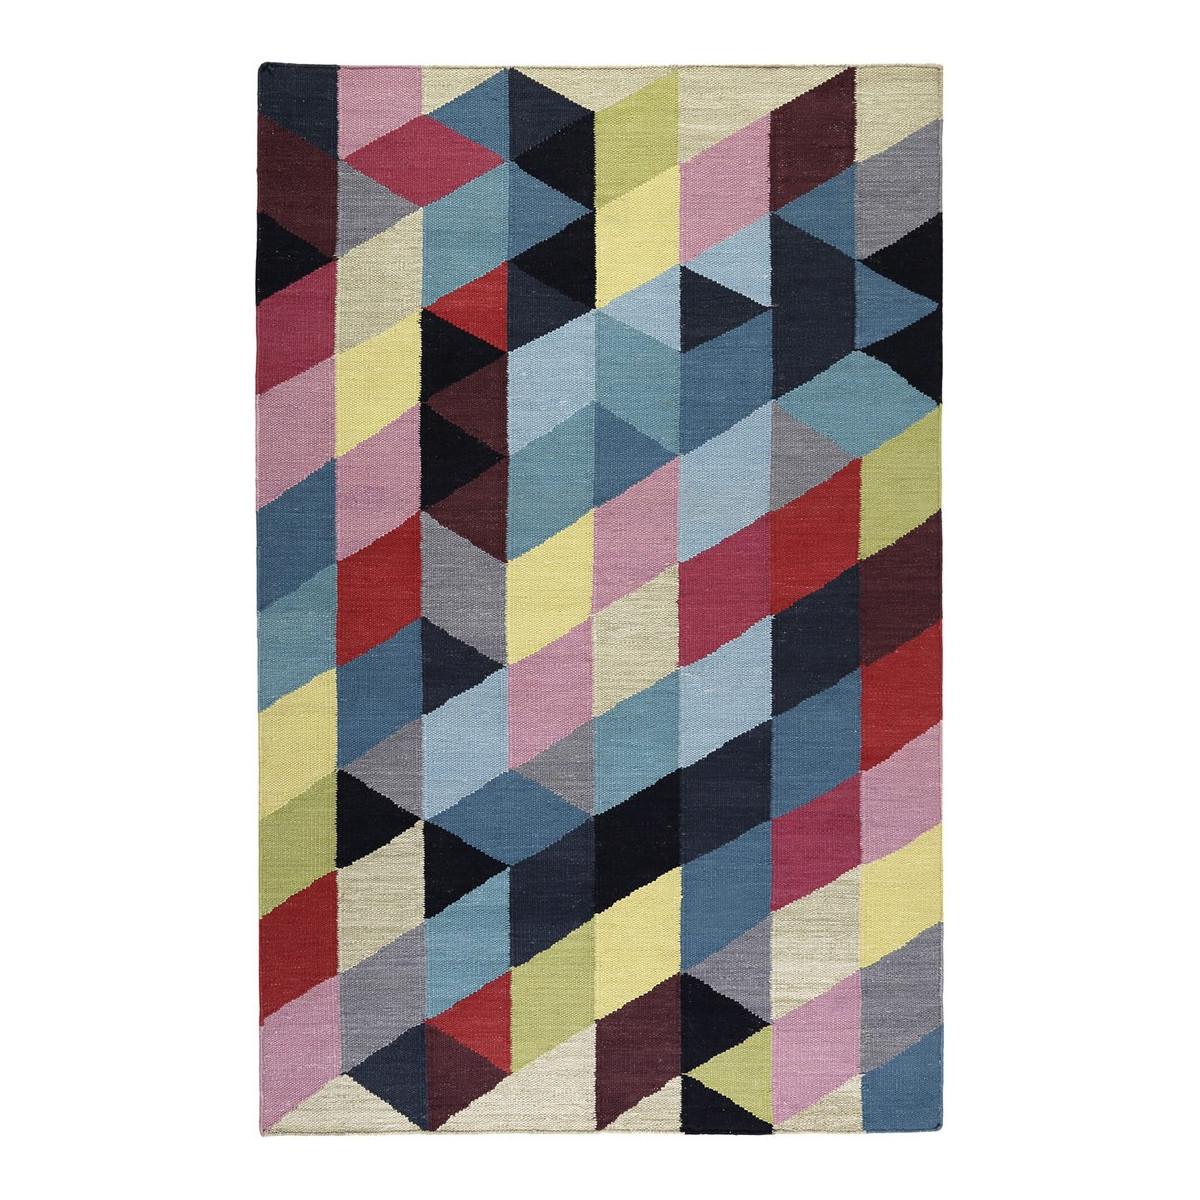 Tapis géométrique naturel en coton multicolore 60x110